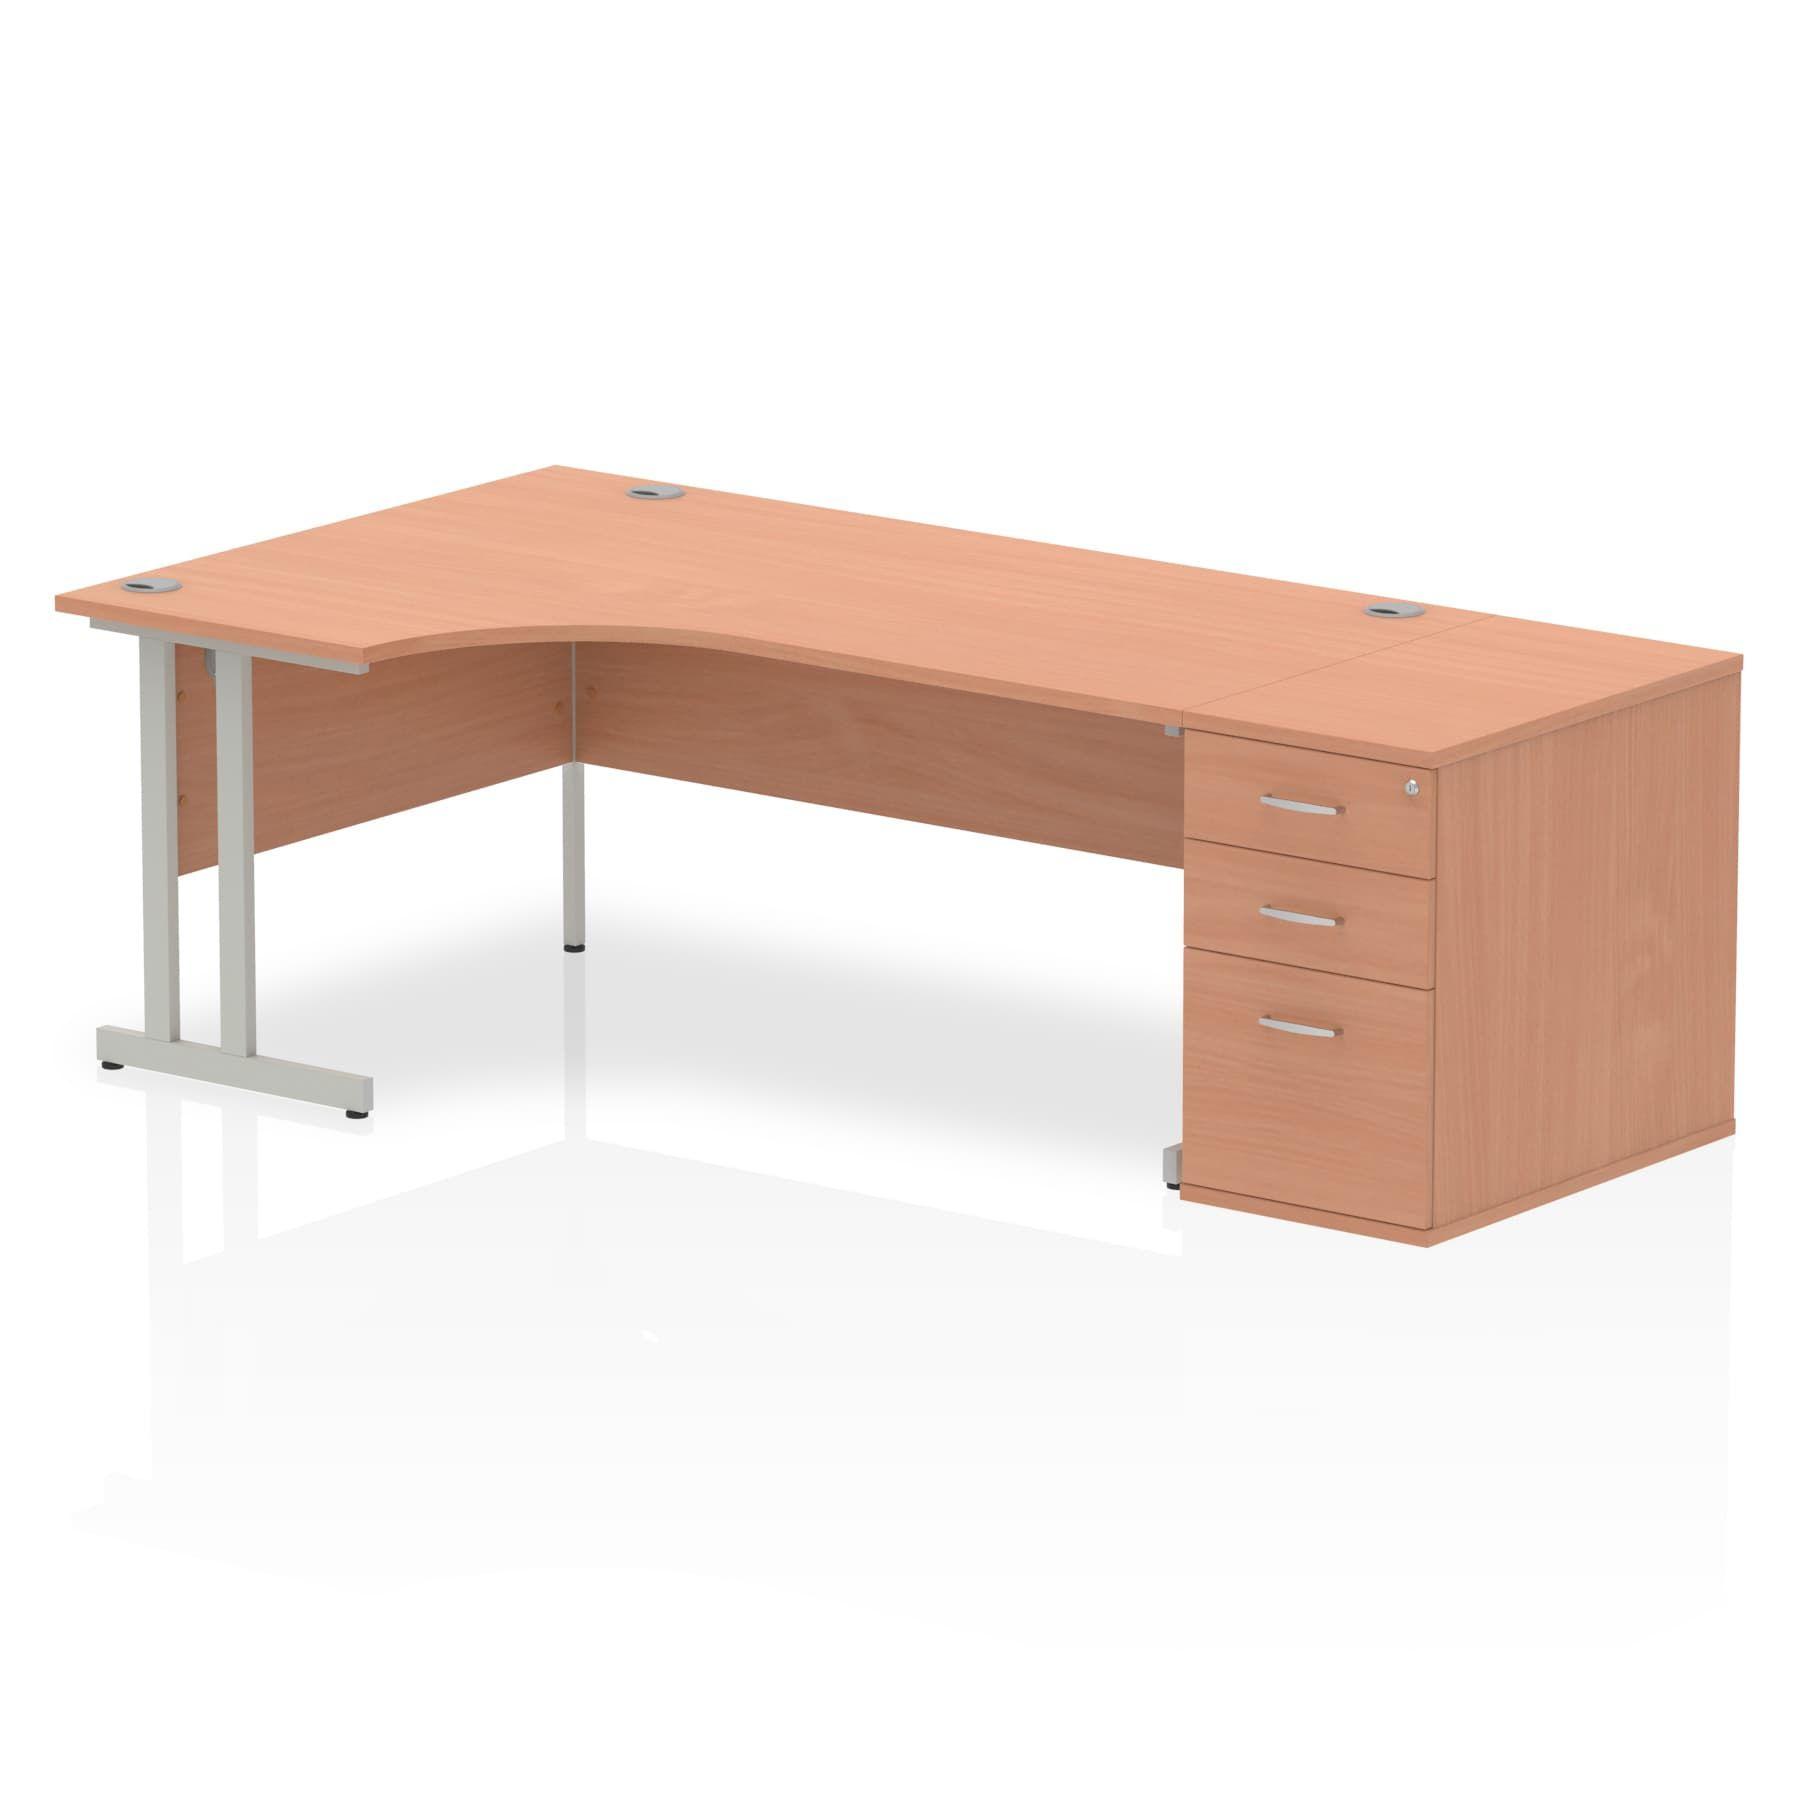 Impulse 1800 Left Hand Cantilever Workstation 800mm Depth Pedestal Bundle